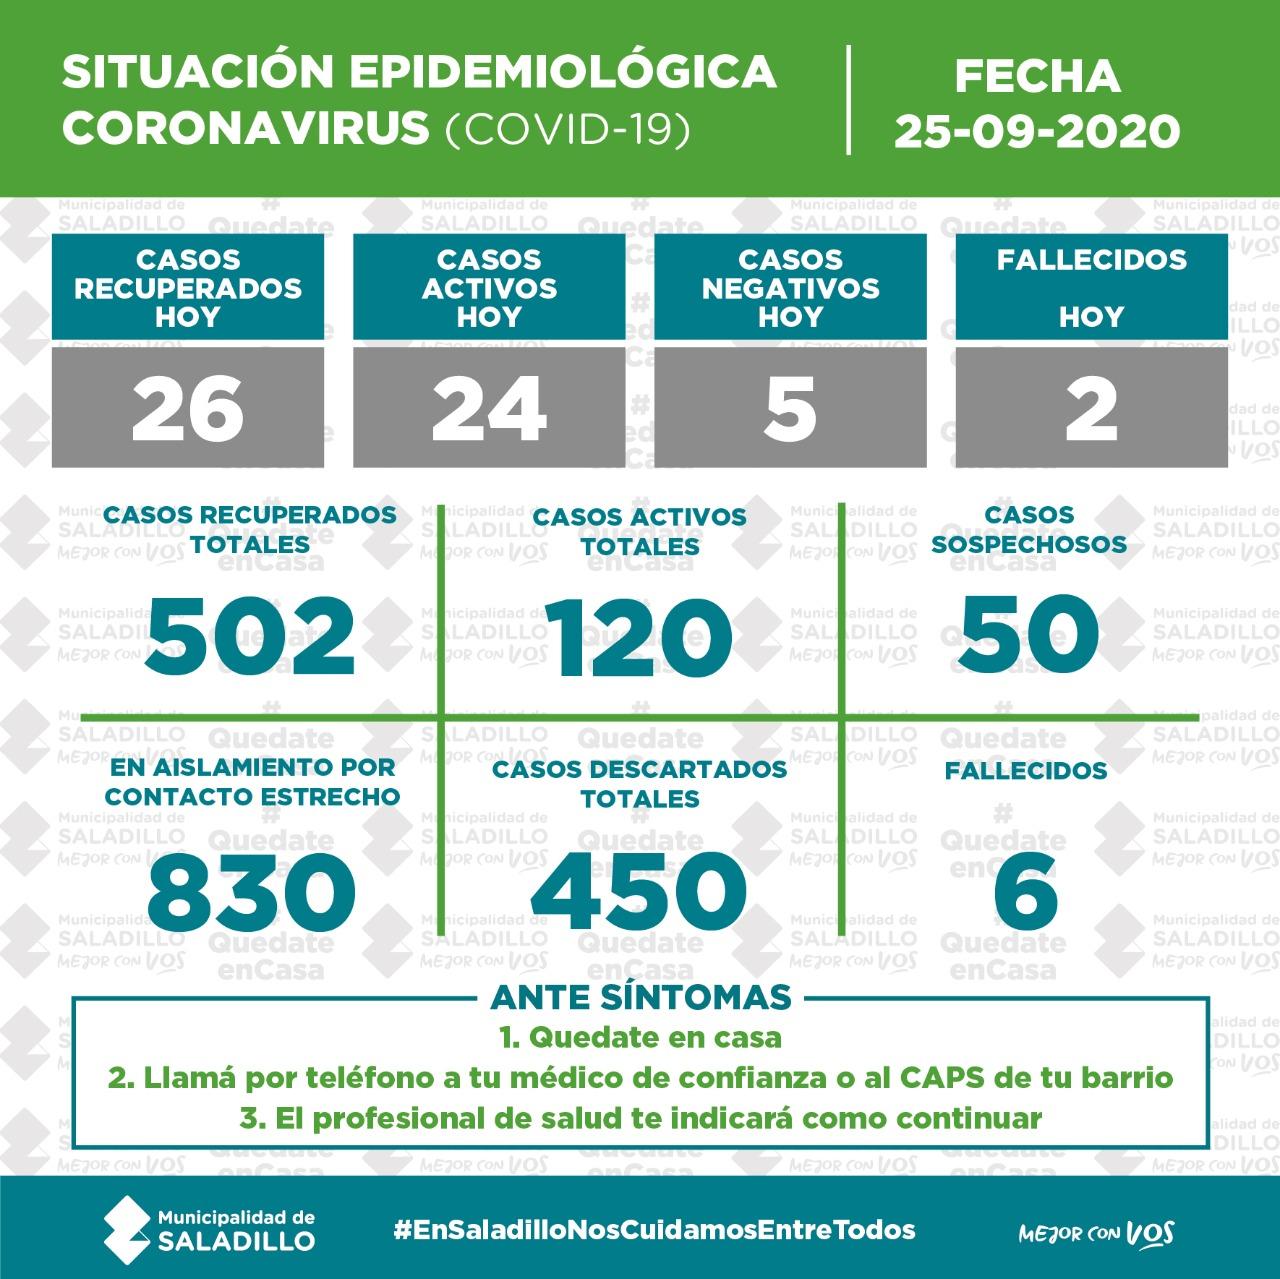 *SITUACIÓN EPIDEMIOLÓGICA EN SALADILLO al 25/9/2020